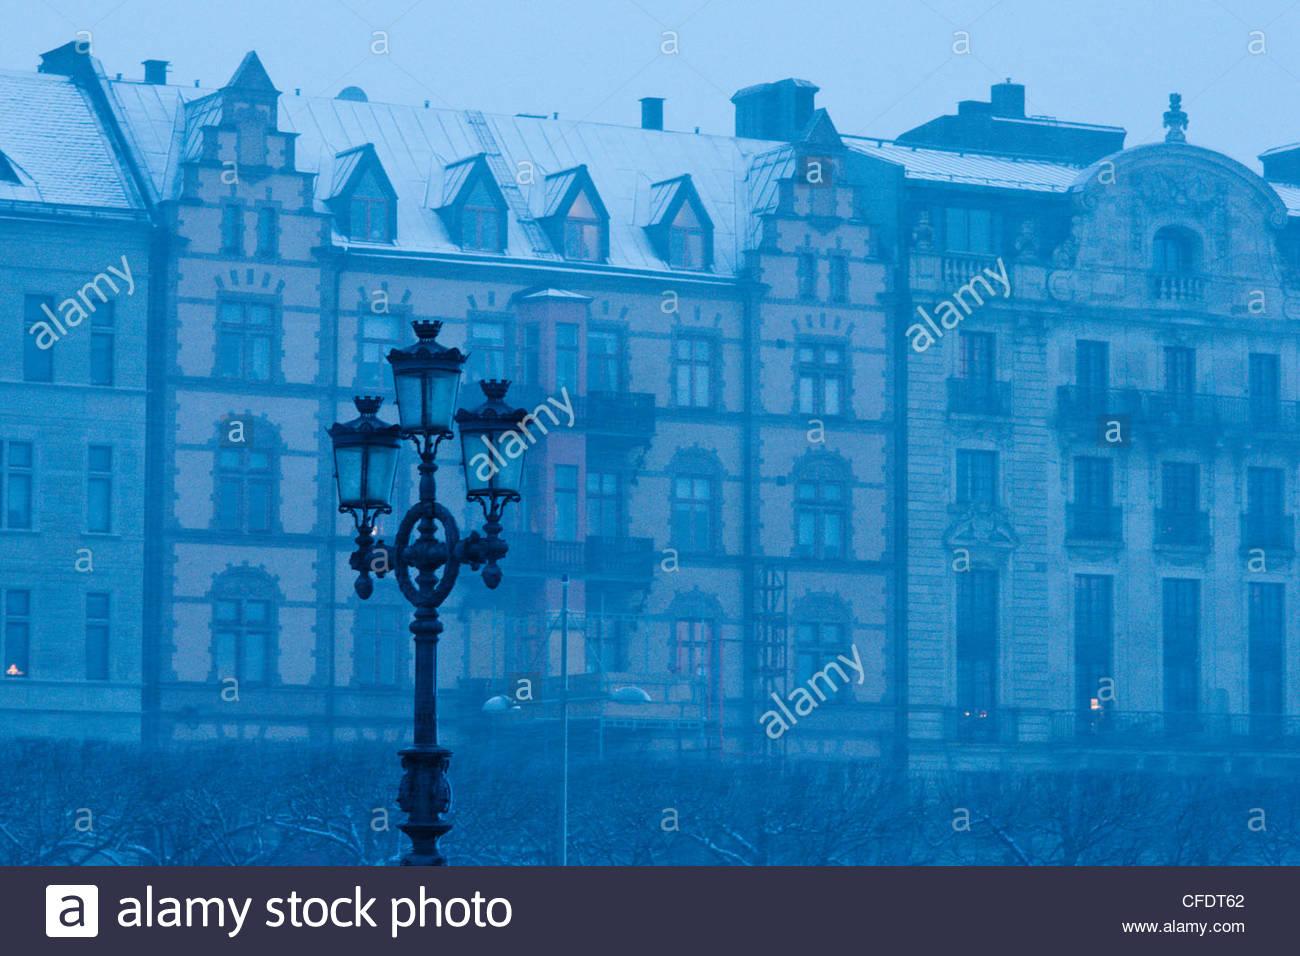 Lampost im Vordergrund der historischen Gebäuden genommen während, Schneefälle, Djurgarden, Stockholm, Stockbild